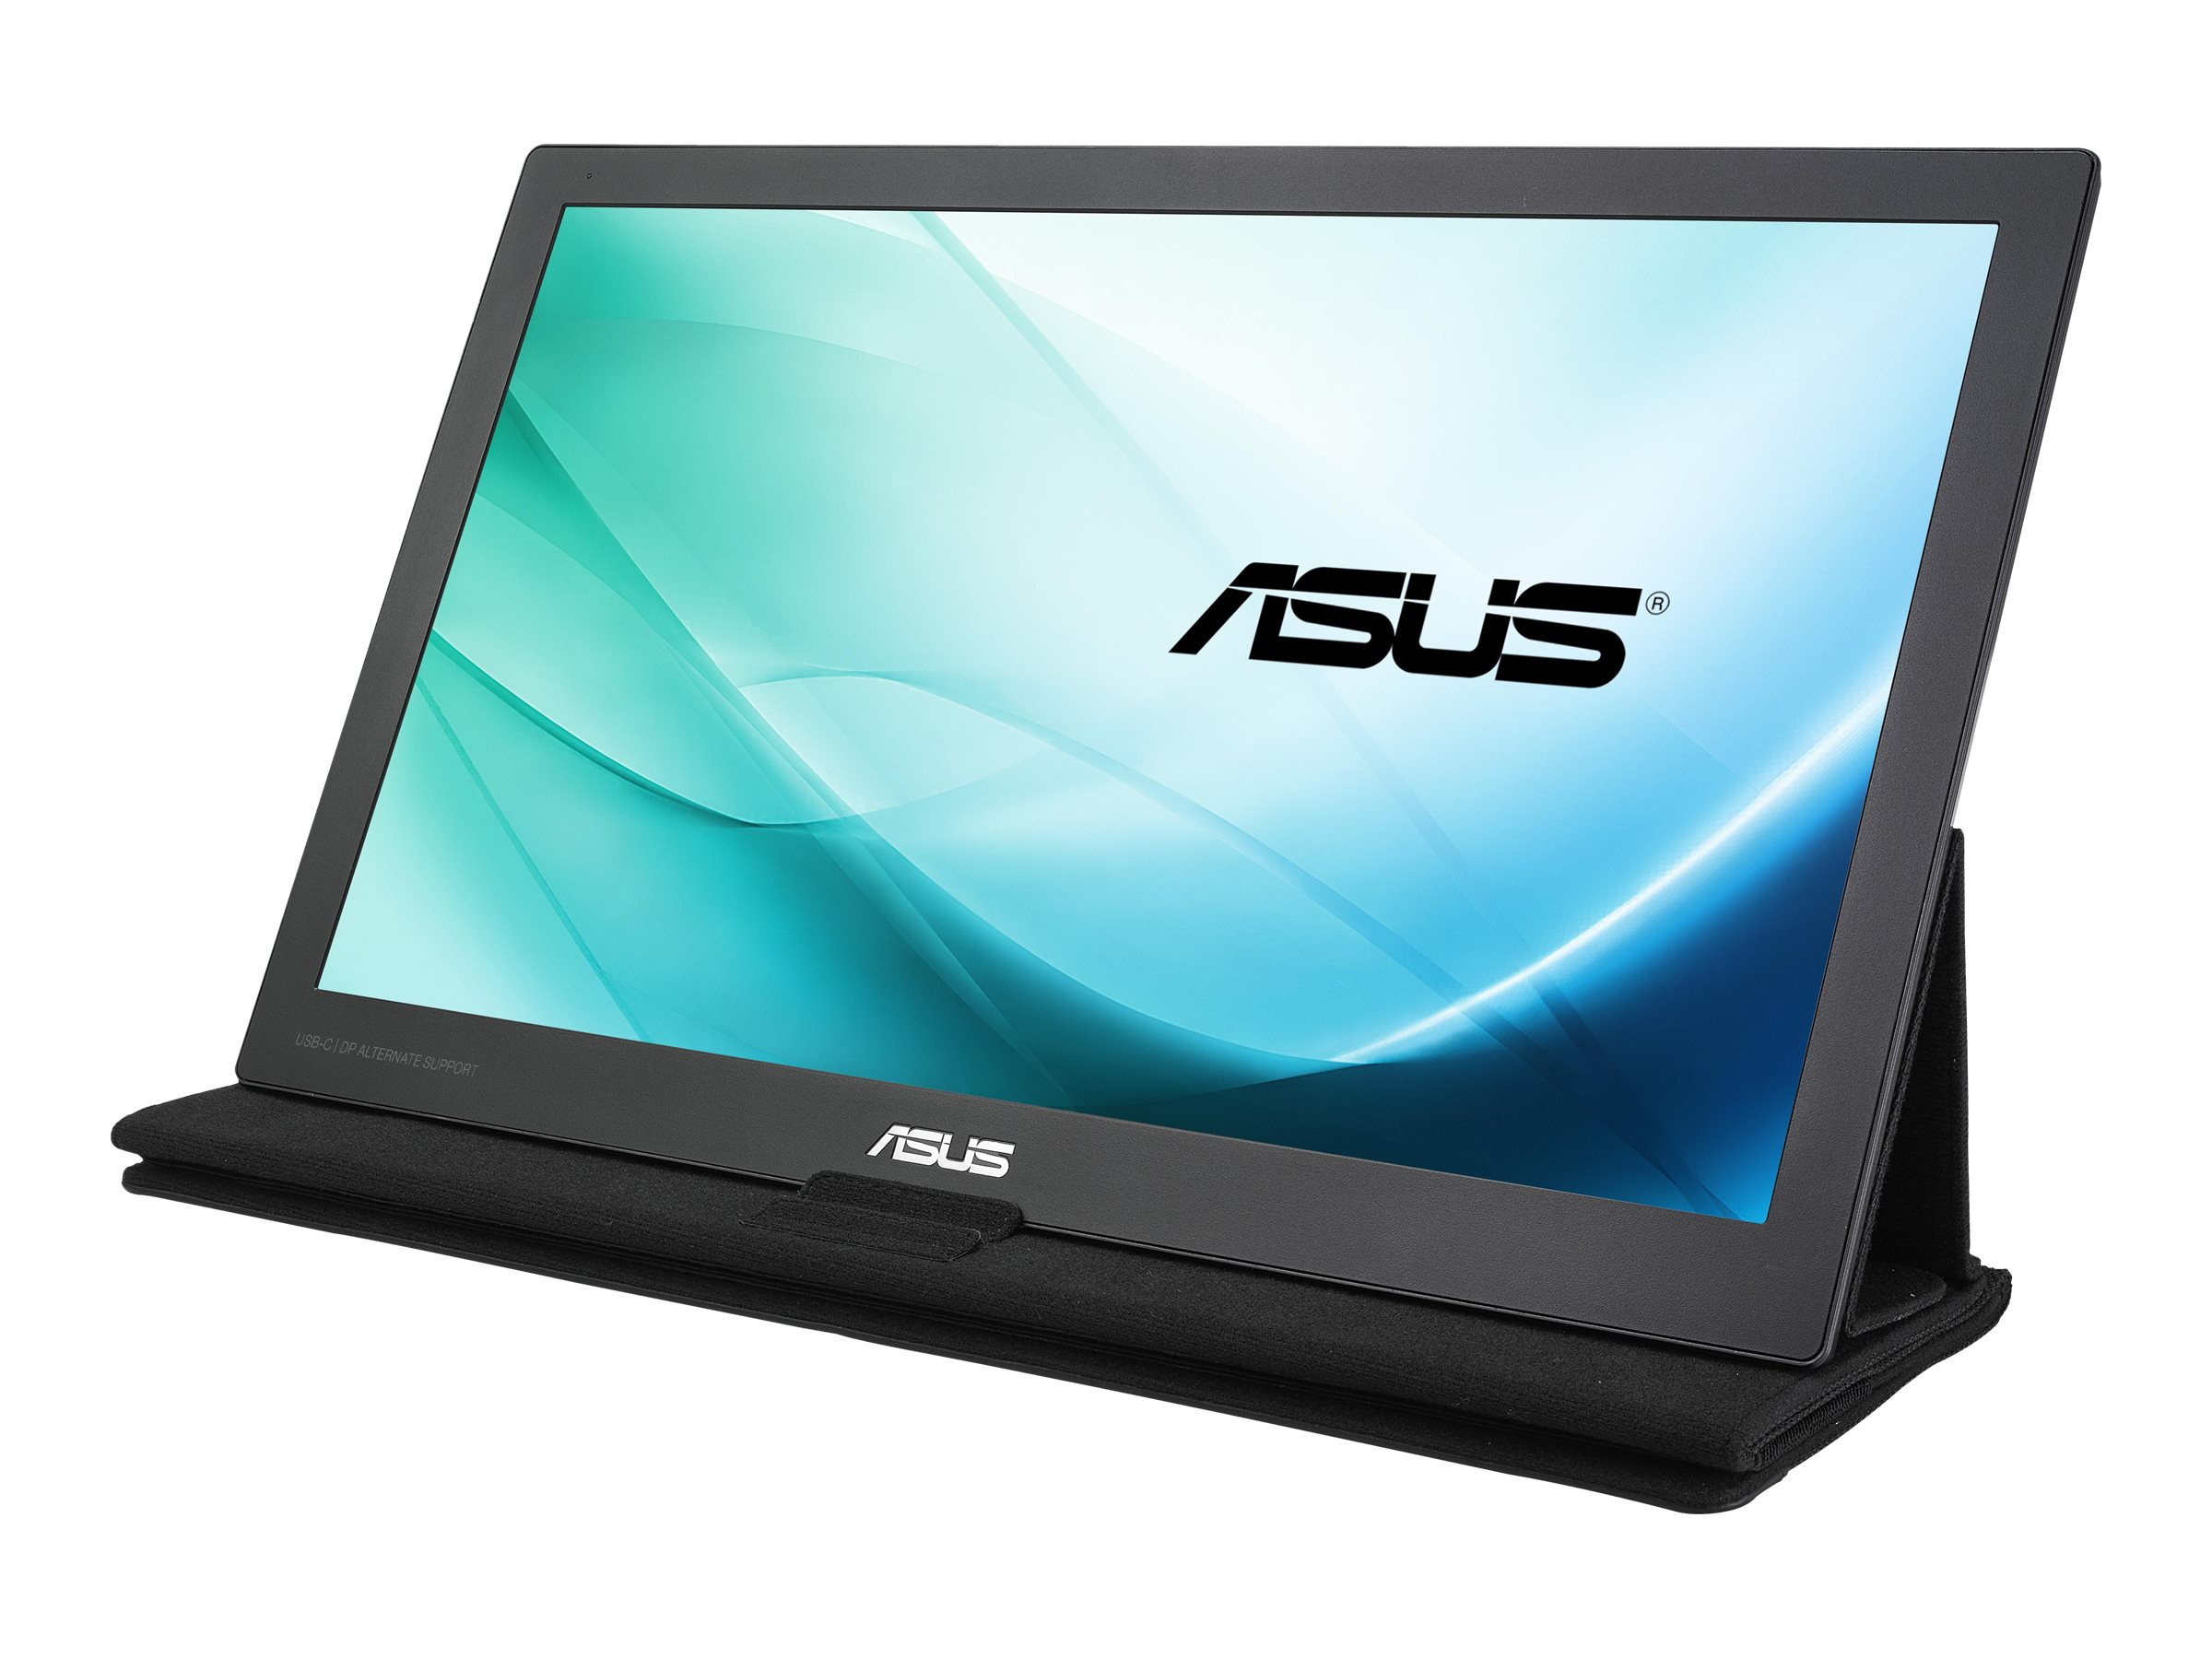 """ASUS MB169C+ - LED-Monitor - 39.6 cm (15.6"""") - tragbar - 1920 x 1080 Full HD (1080p)"""